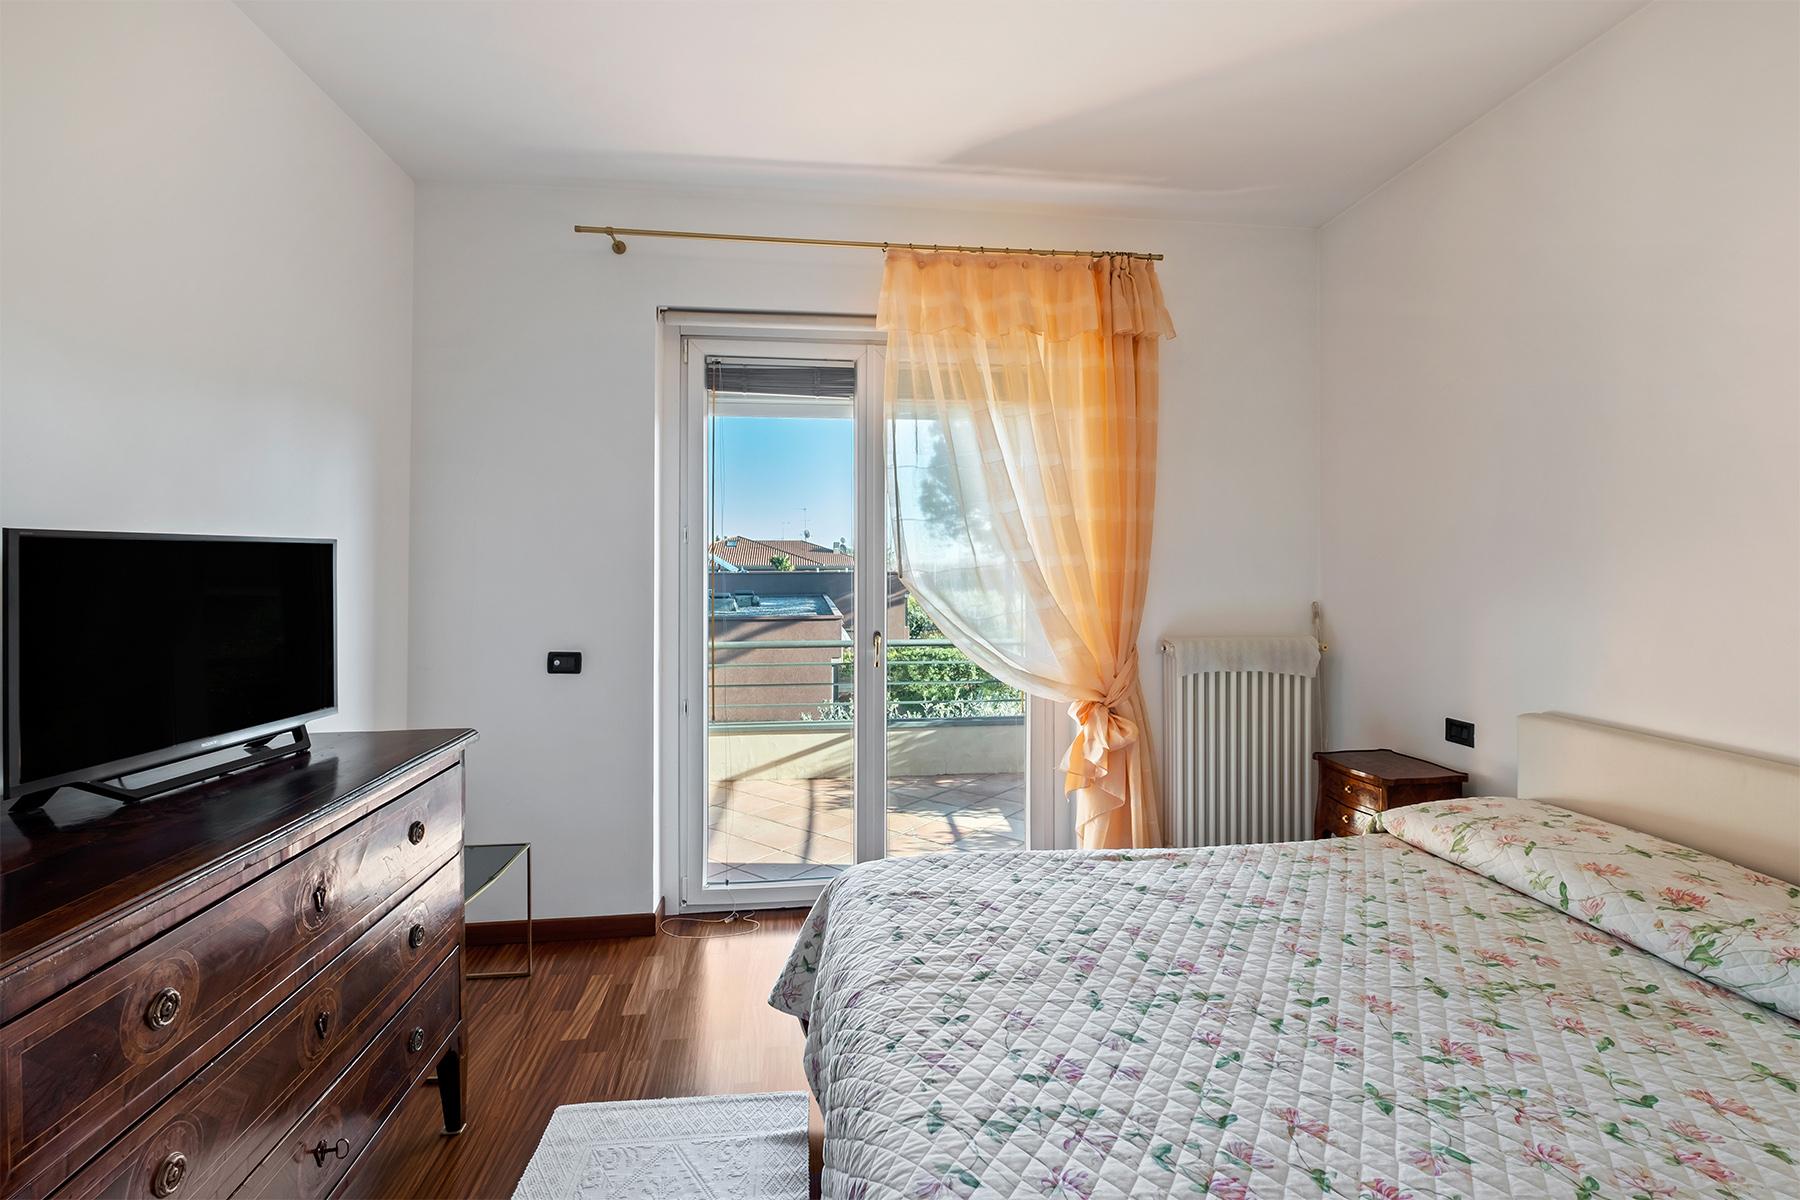 Appartamento in Vendita a Desenzano Del Garda: 5 locali, 170 mq - Foto 5